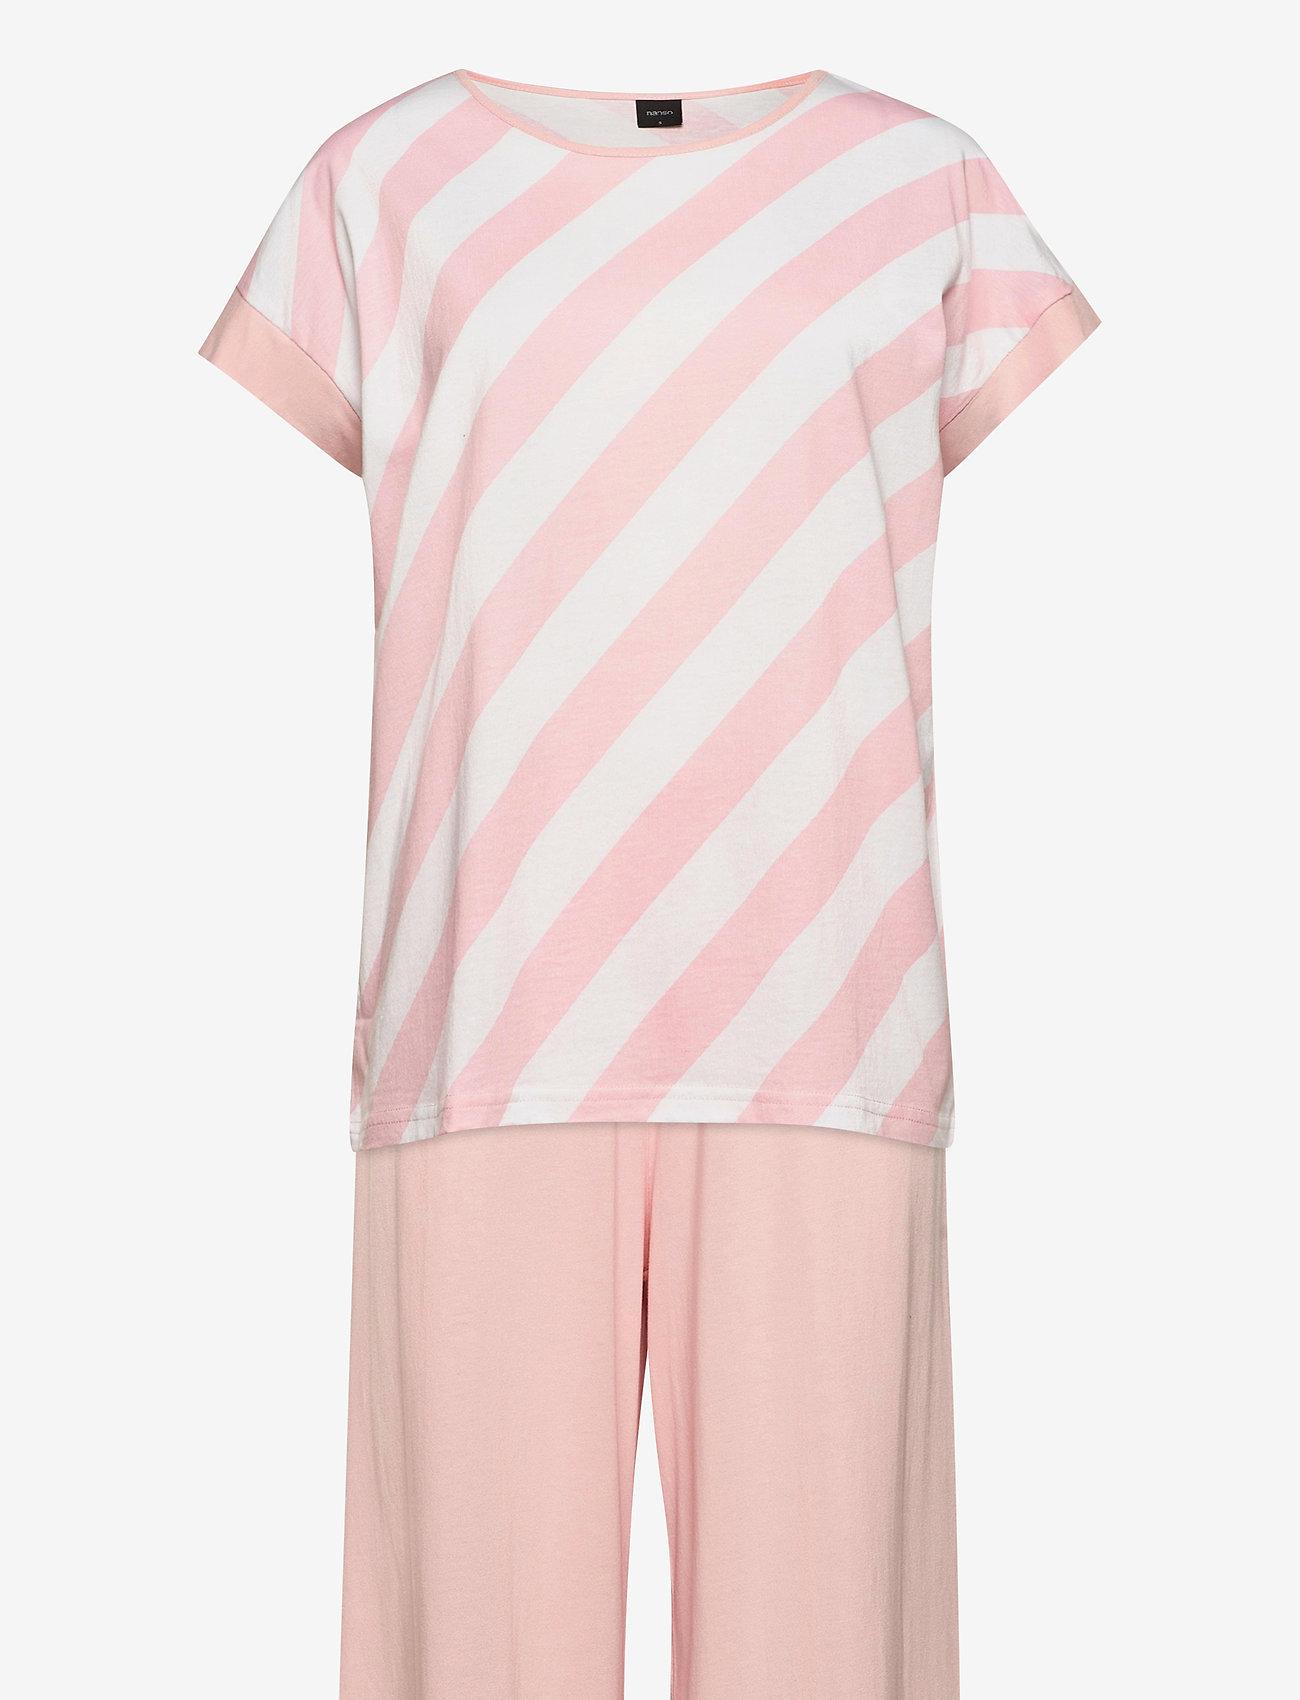 Nanso - Ladies pyjamas, Kulma - pyjama''s - light pink - 0